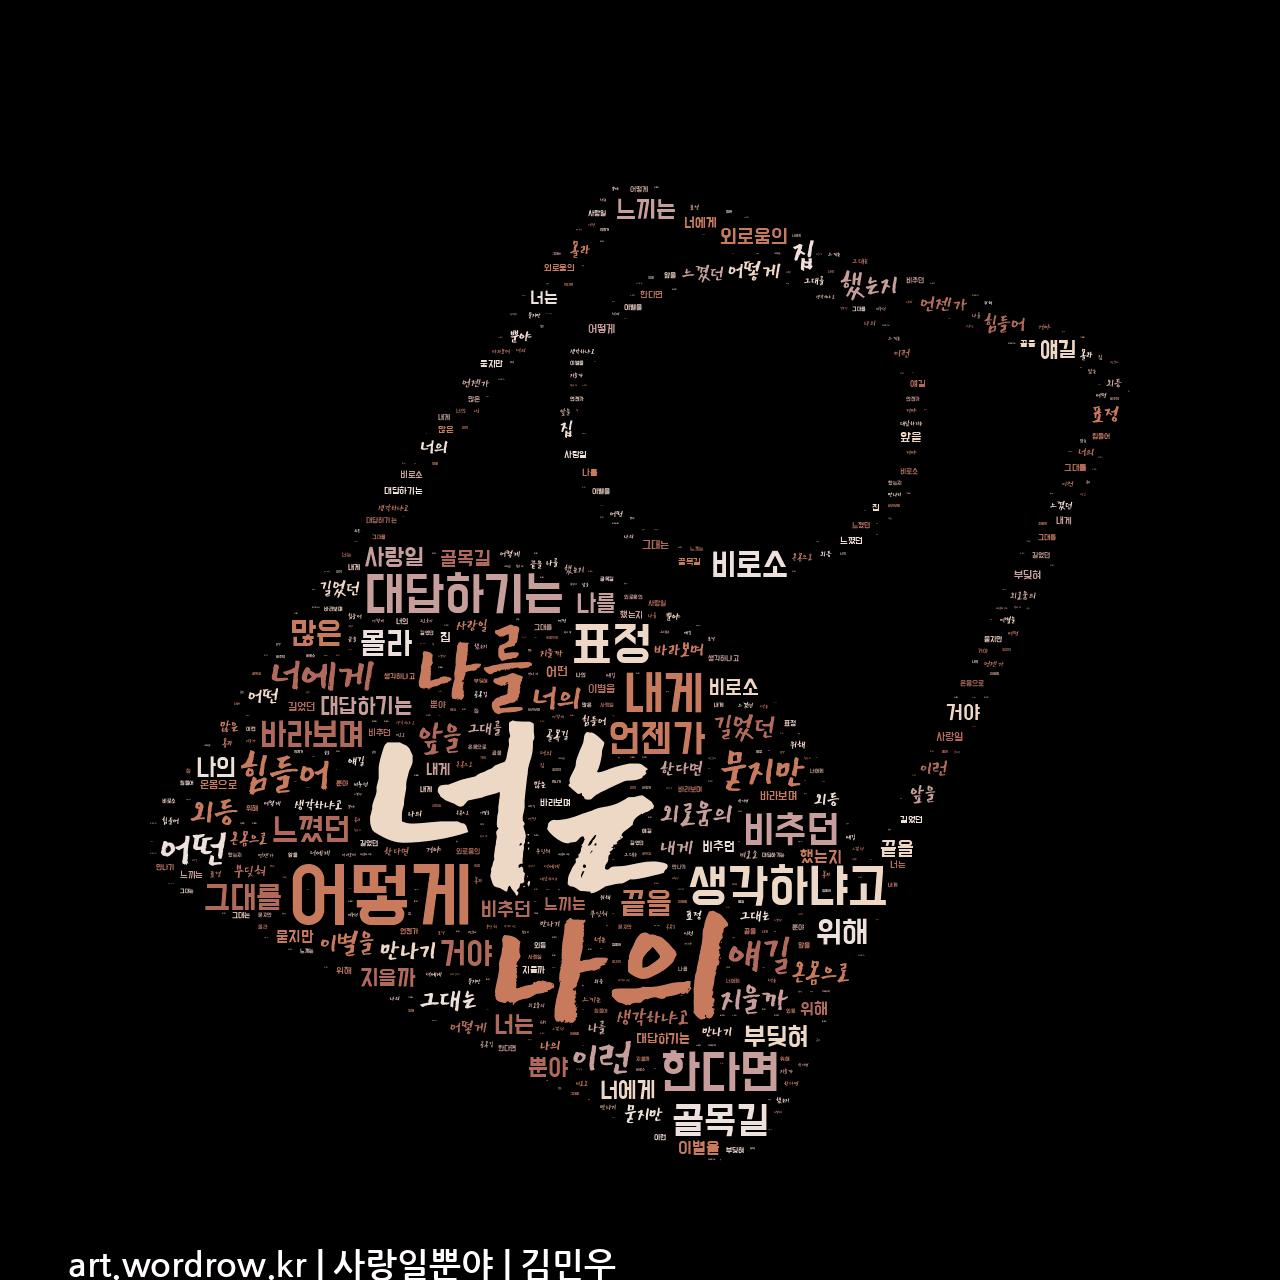 워드 클라우드: 사랑일뿐야 [김민우]-64